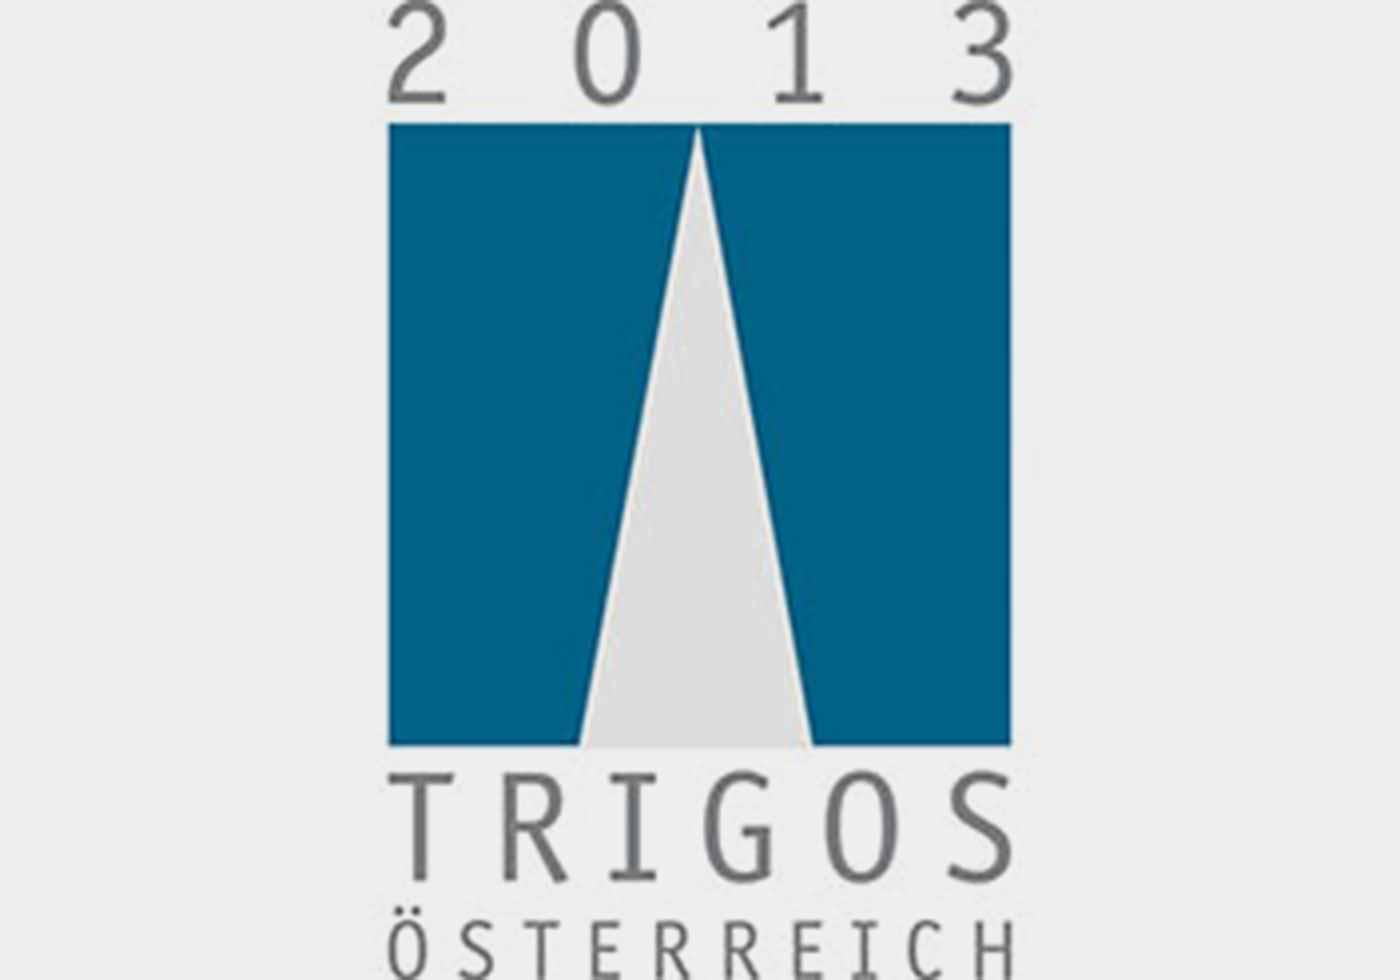 TRIGOS 2013